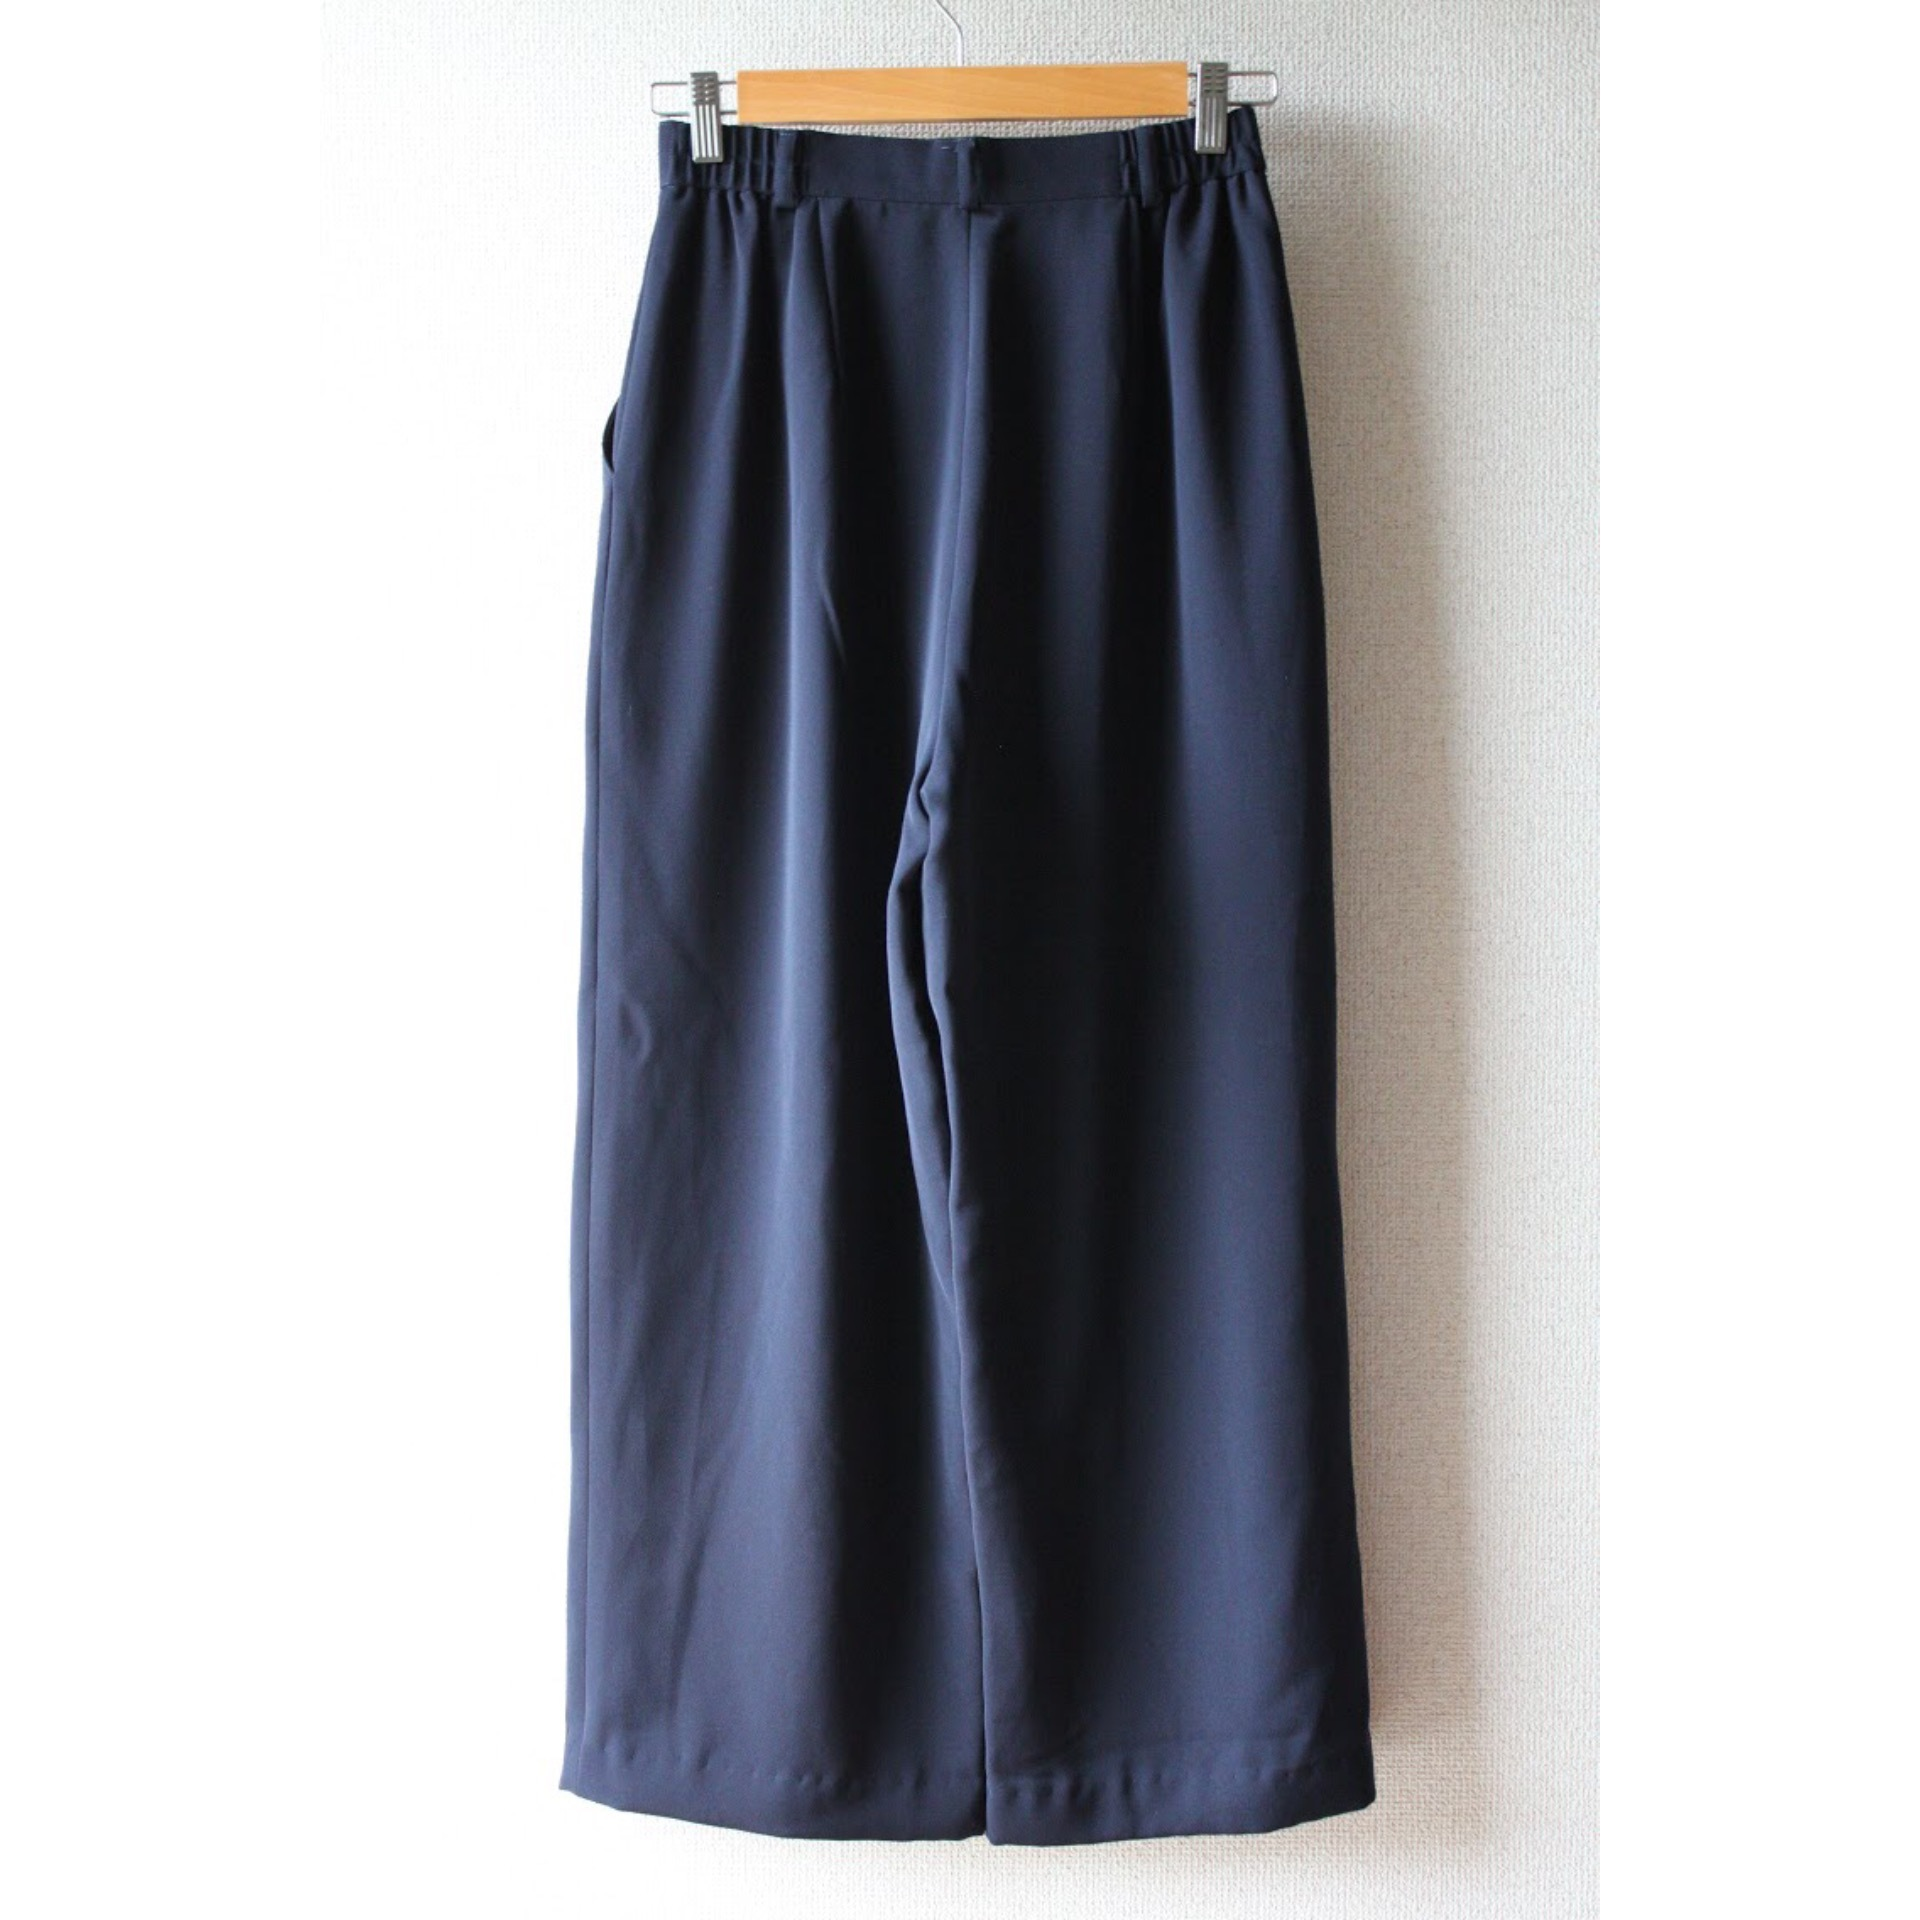 Vintage wide silhouette slacks